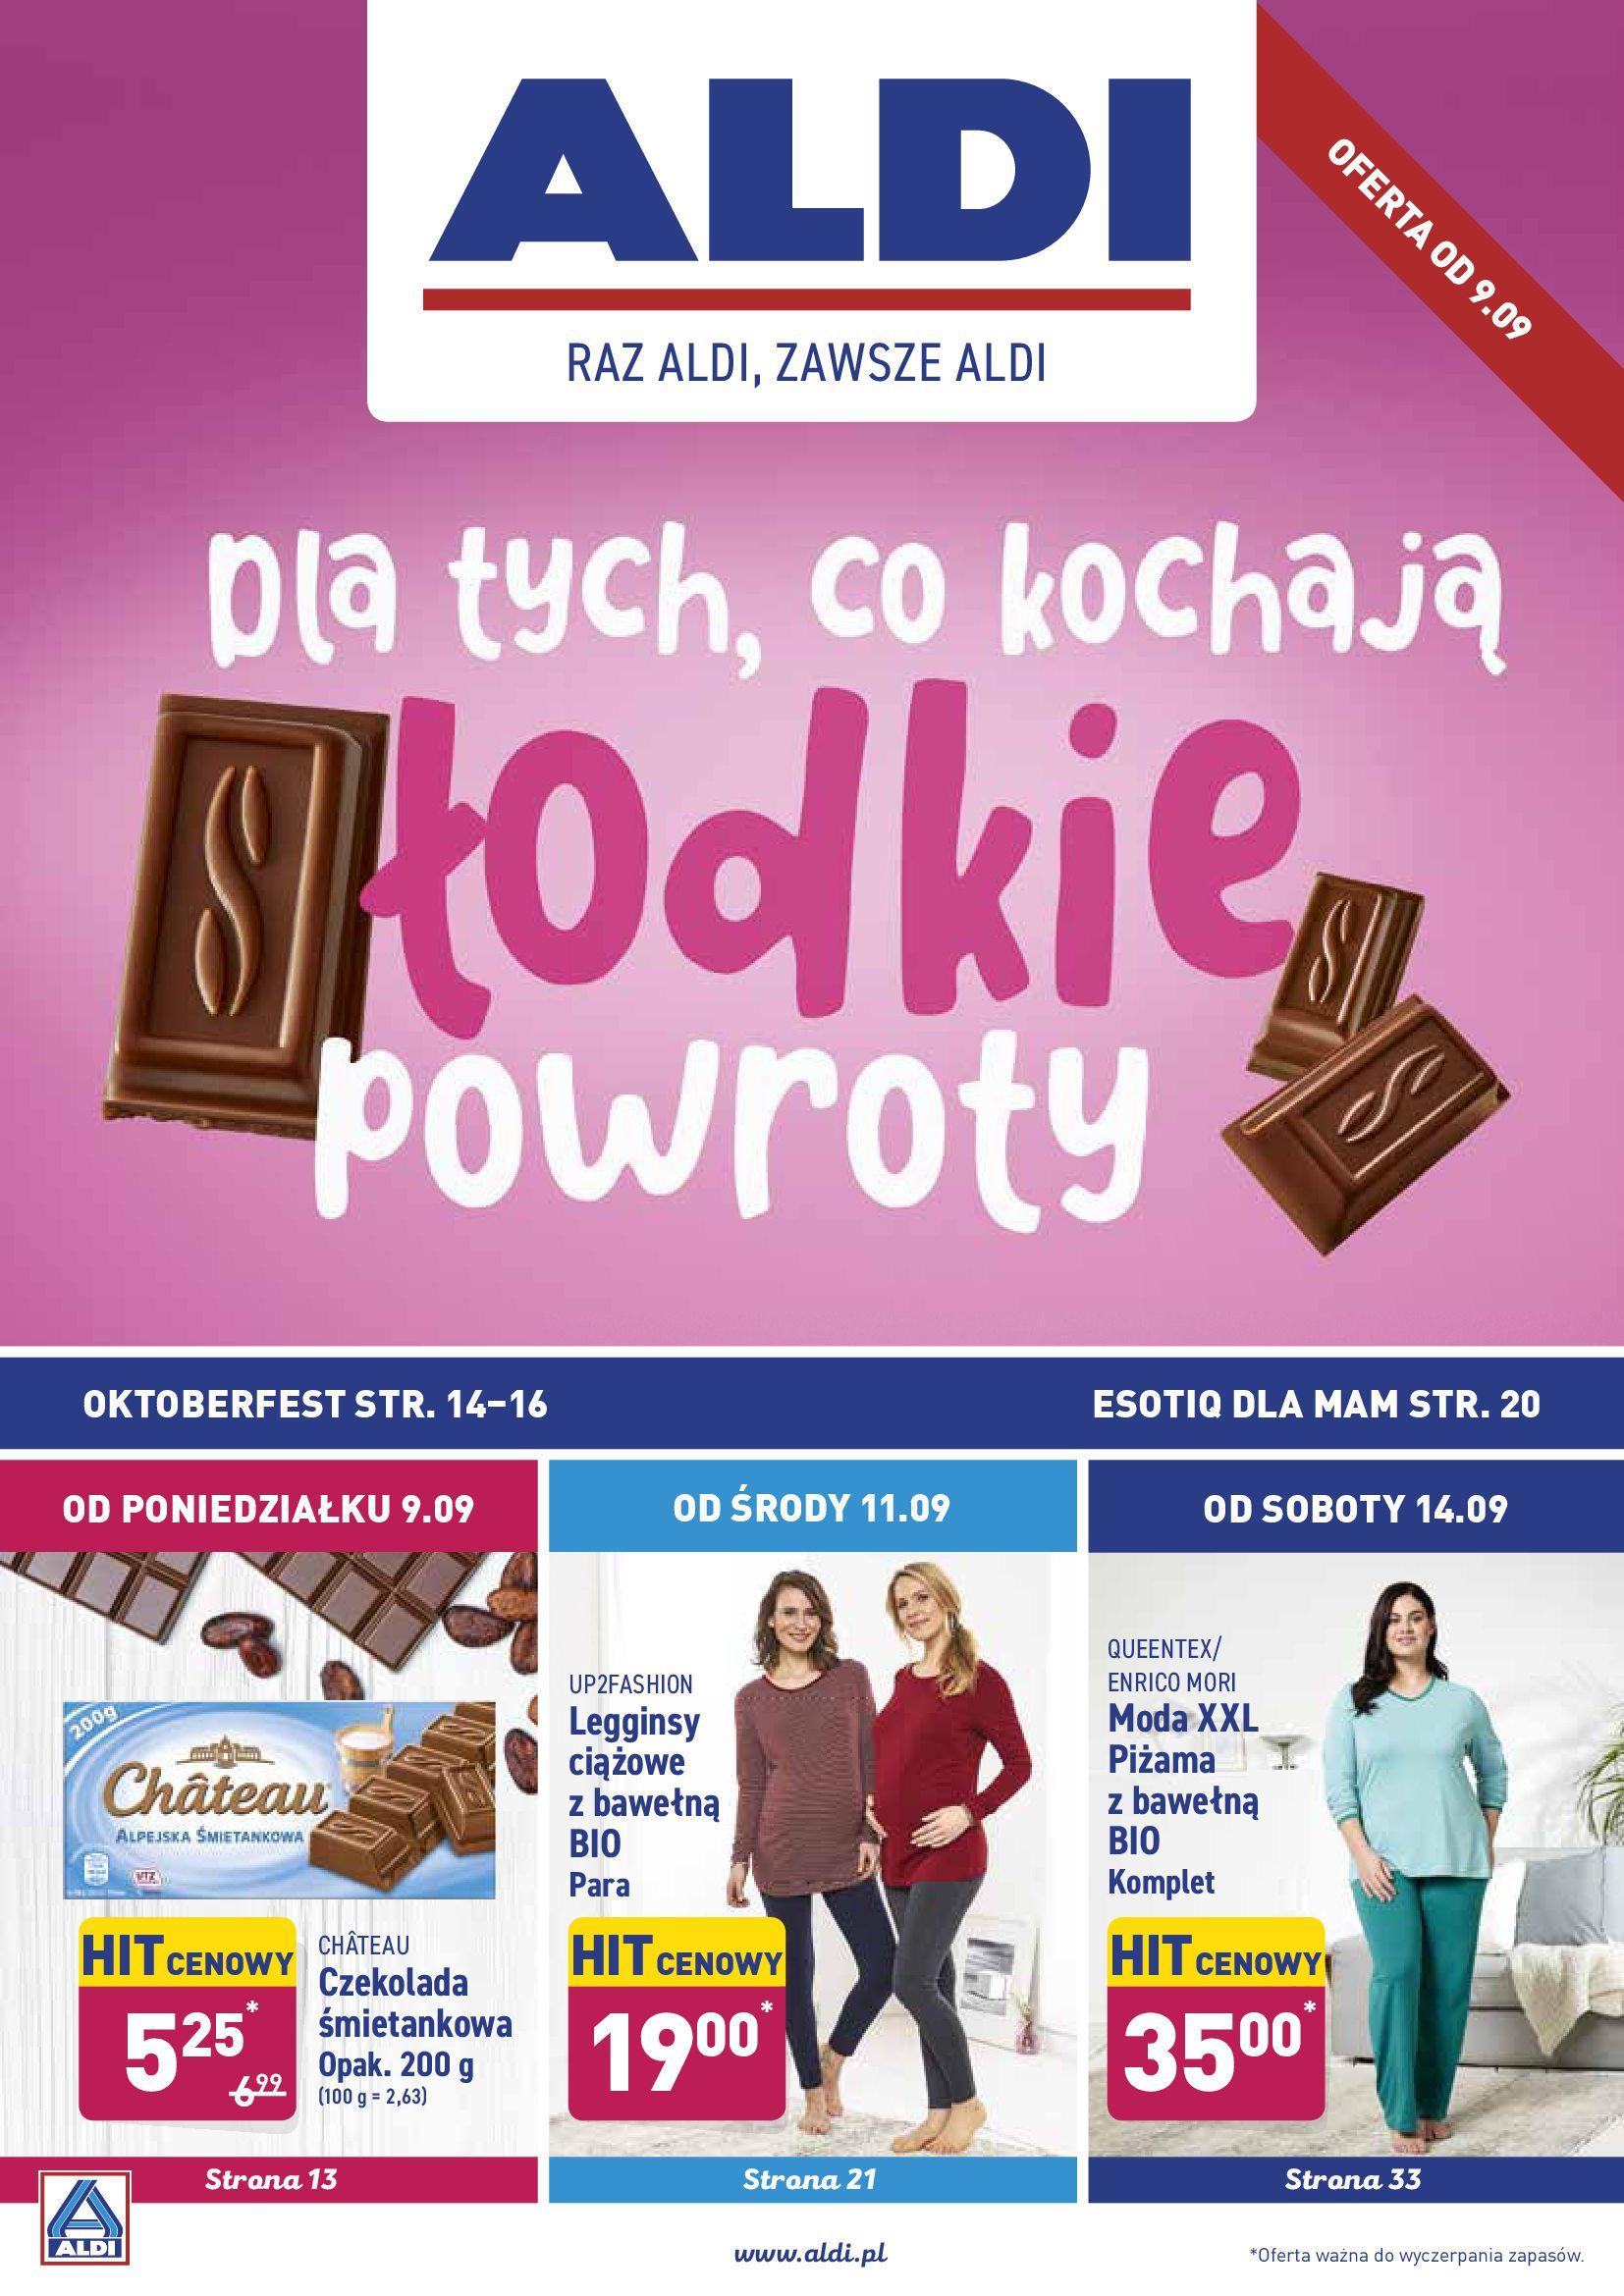 Gazetka Aldi - Dla tych co kochają słodkie powroty-08.09.2019-14.09.2019-page-1